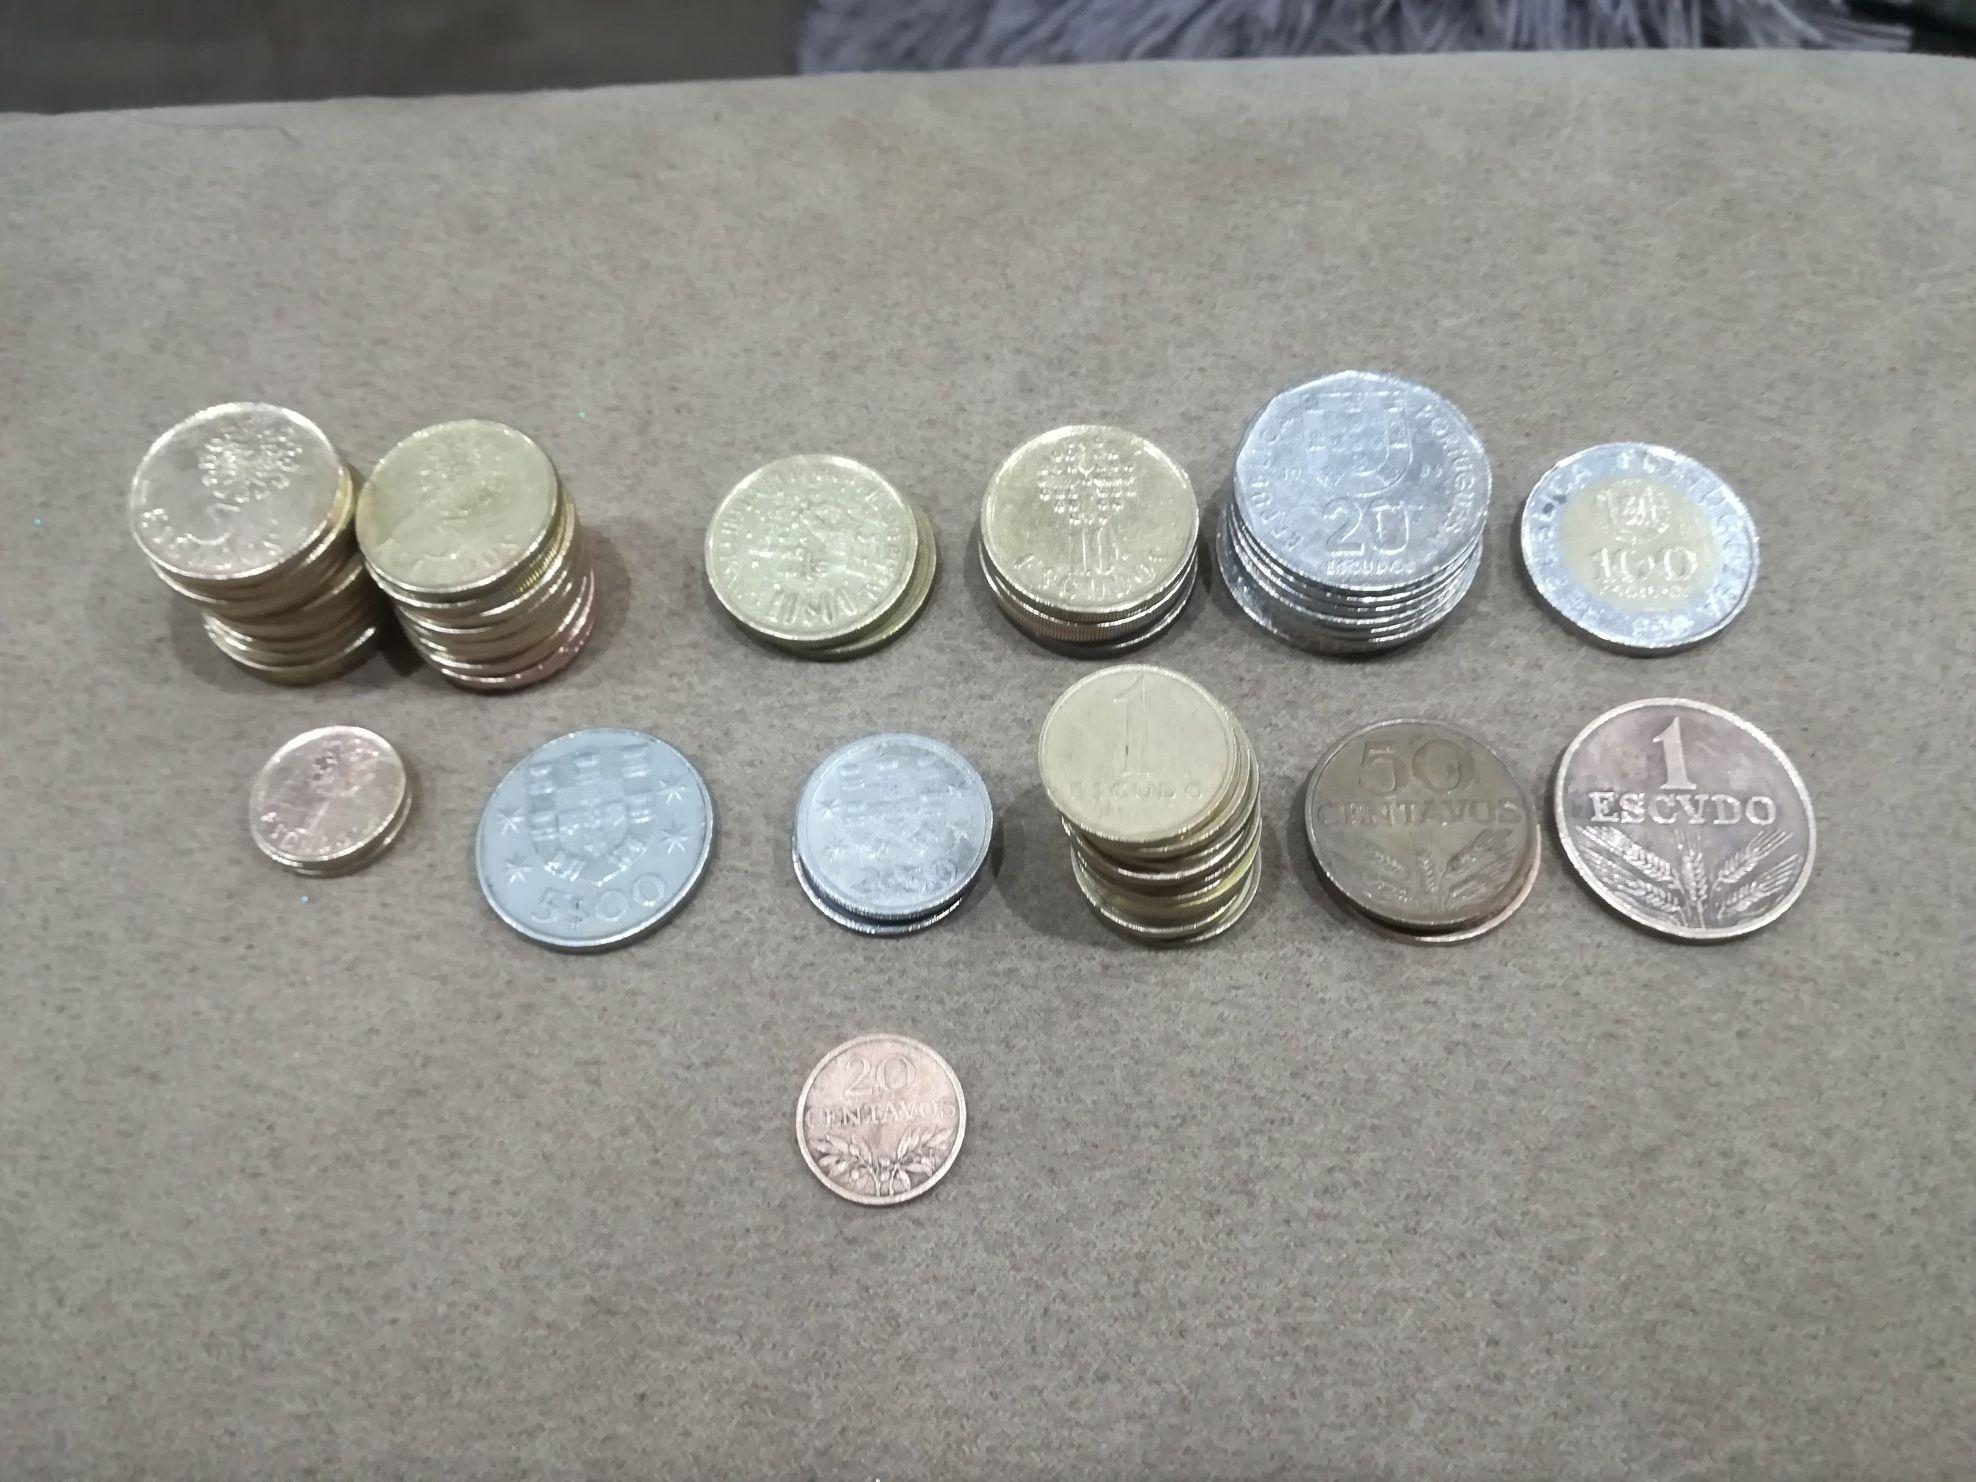 Lote de 60 moedas